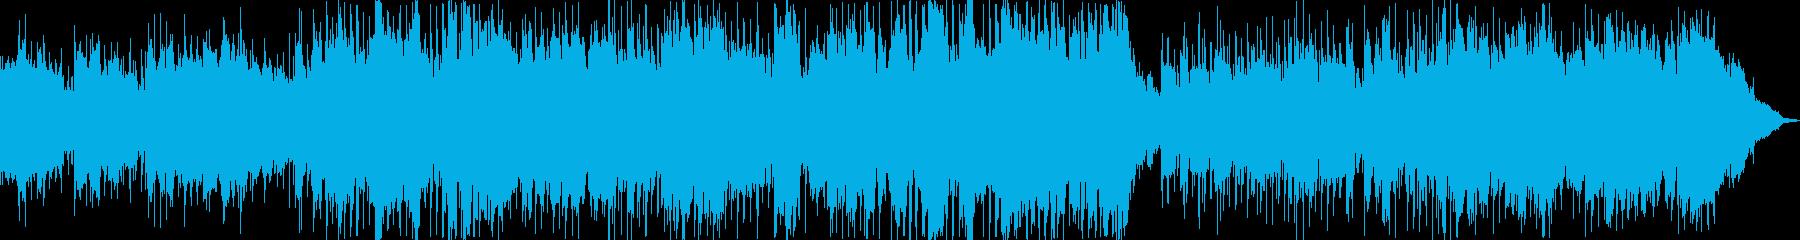 レトロなスタイルのカントリーサウンドの再生済みの波形